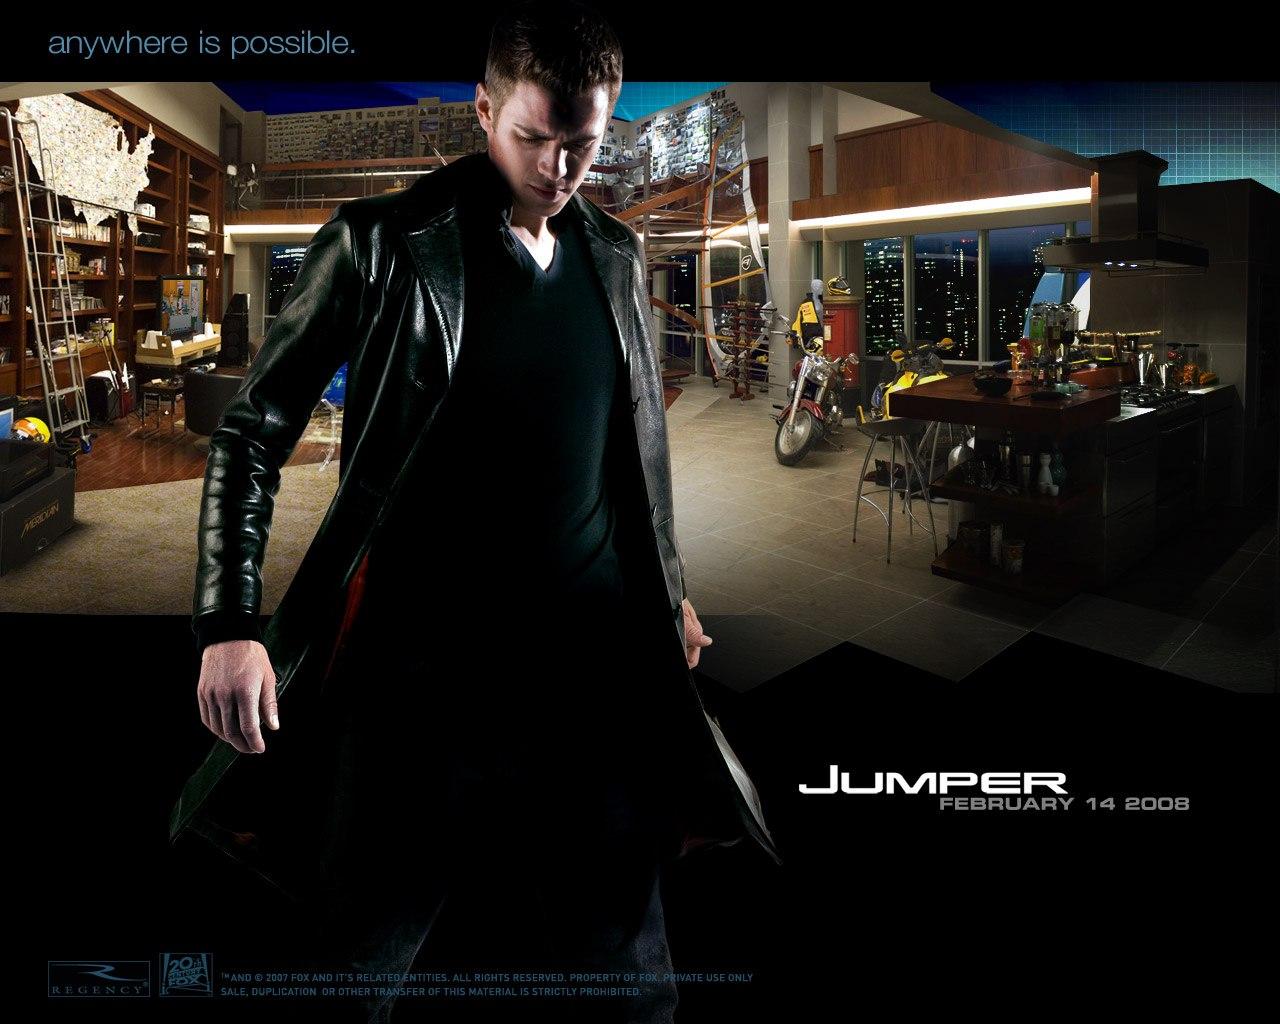 http://3.bp.blogspot.com/-83Zm0zjuYLQ/TeRsBctnTII/AAAAAAAAAso/qnSEYW3TZ4M/s1600/Jumper+2.jpg